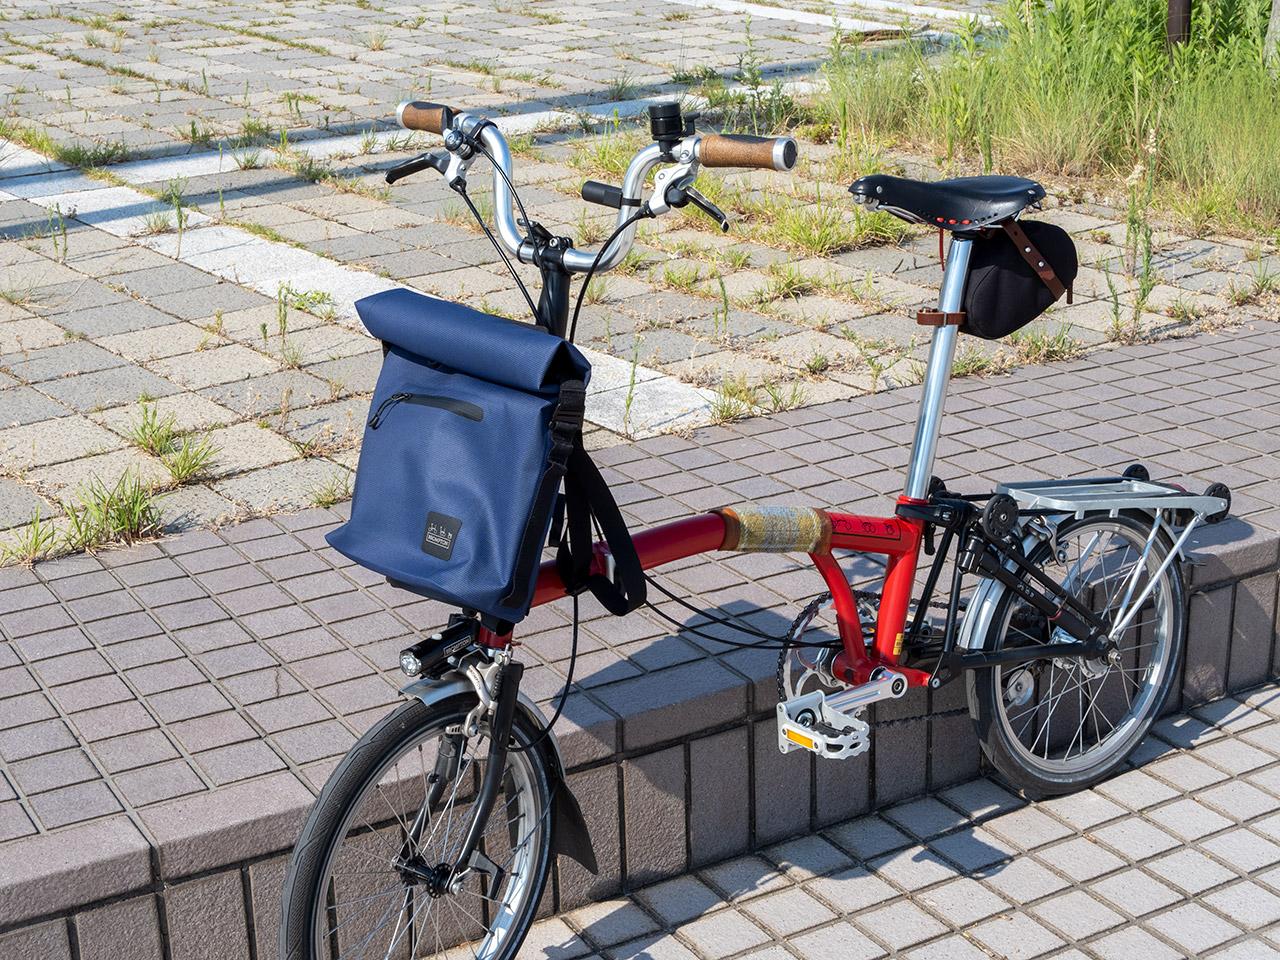 Brompton Borough waterproof small bag